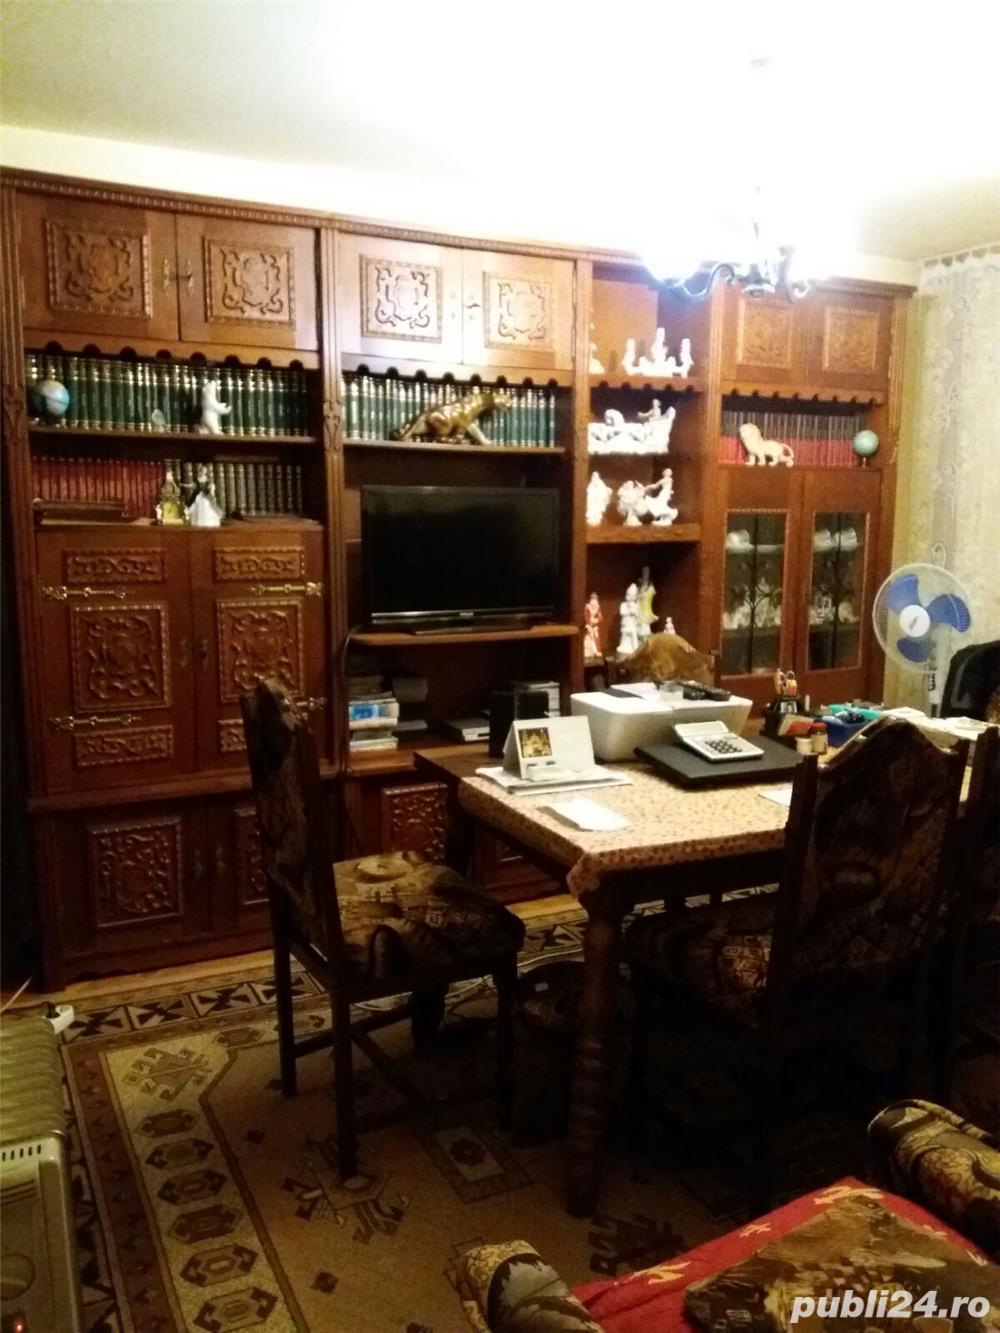 Vand apartament 3 camere in Brad, jud. HD sau schimb cu ap. in Timisoara